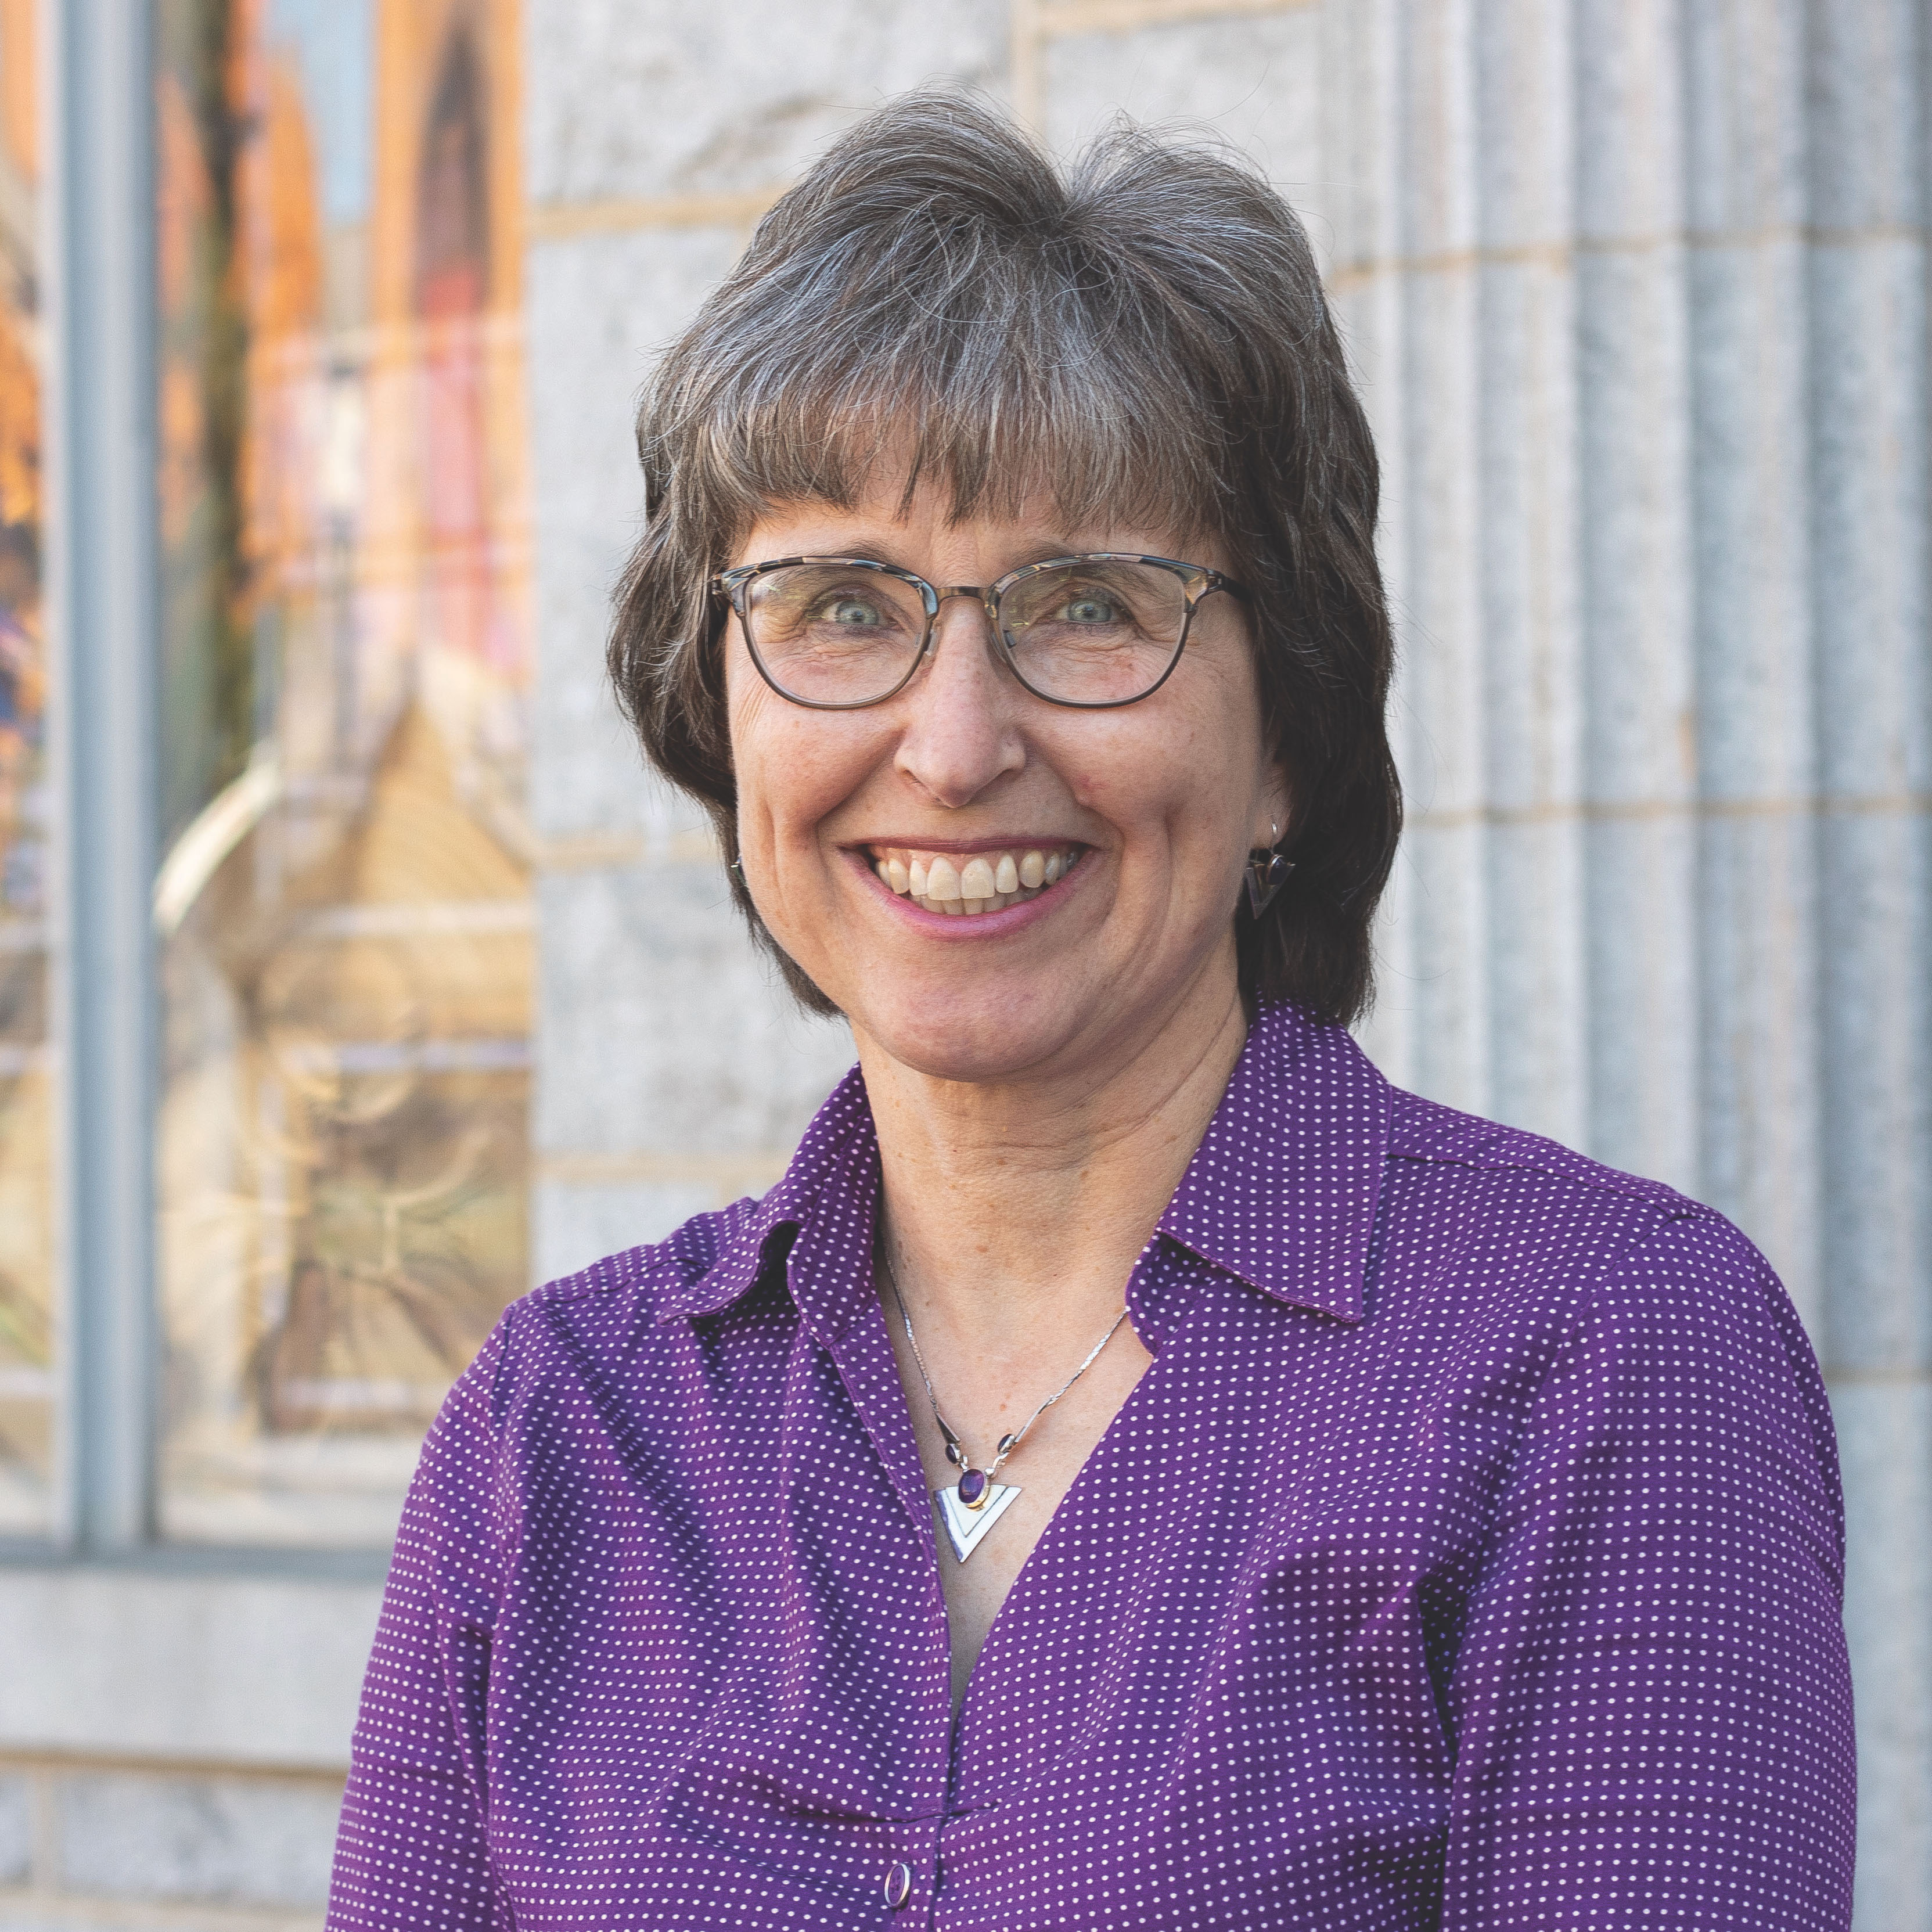 Janet-Durrwachter